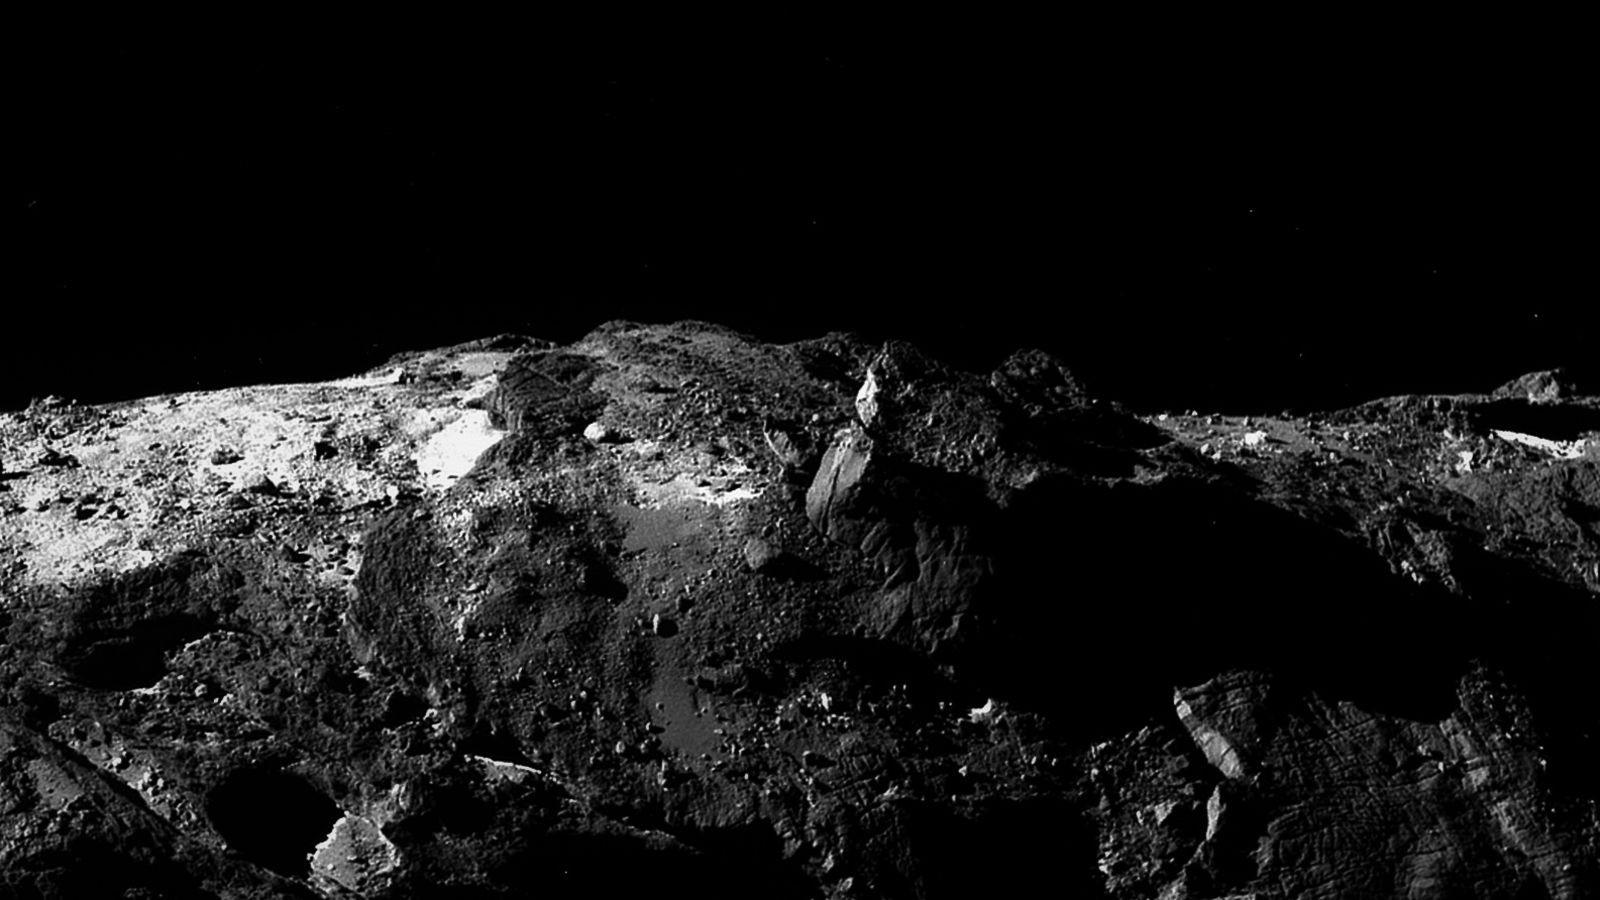 Montagem editada do cometa 67P/Churyumov-Gerasimenko (Foto: Reprodução)